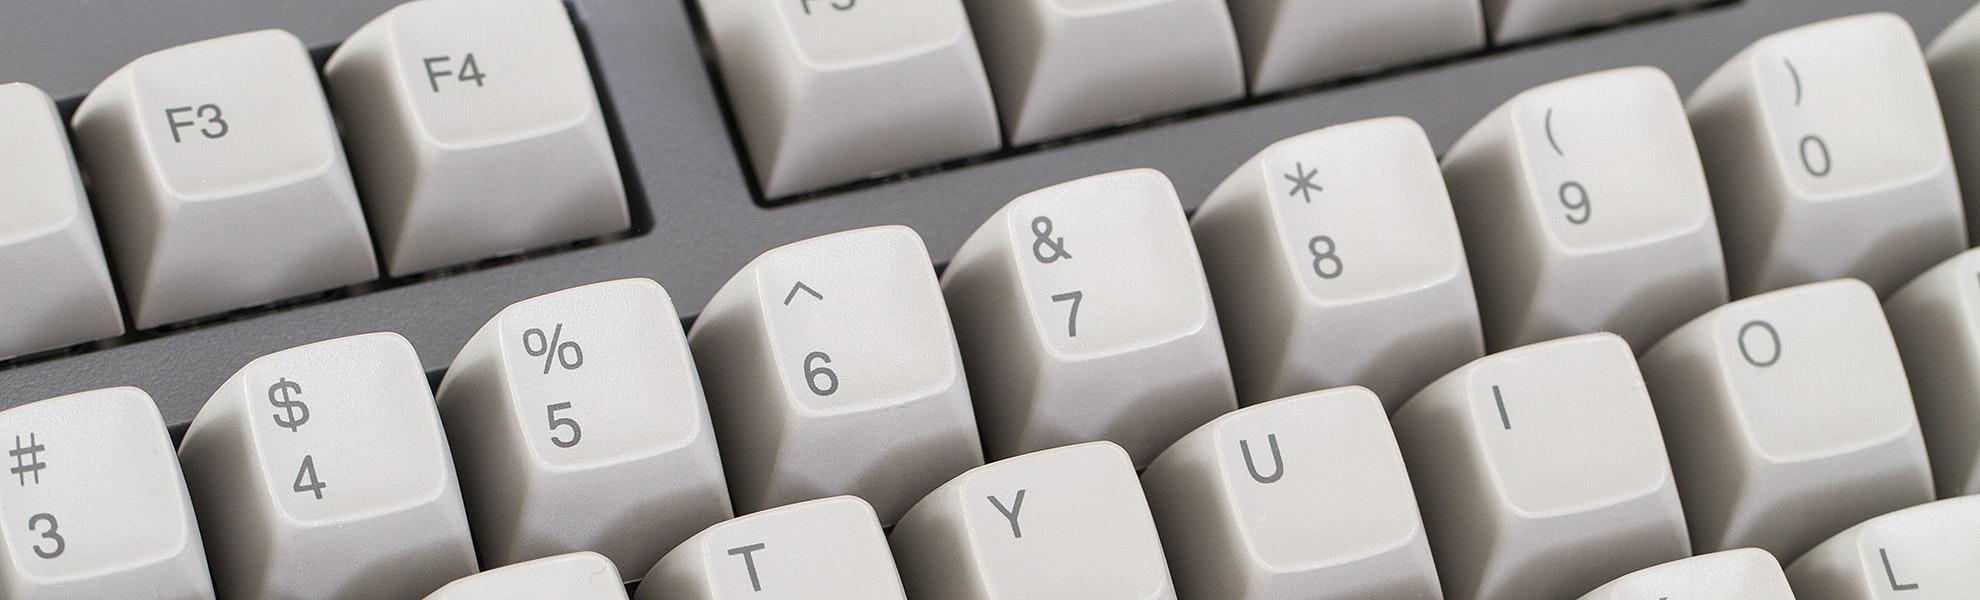 Japanese Keyboard Fountain Pen Desk Bundle